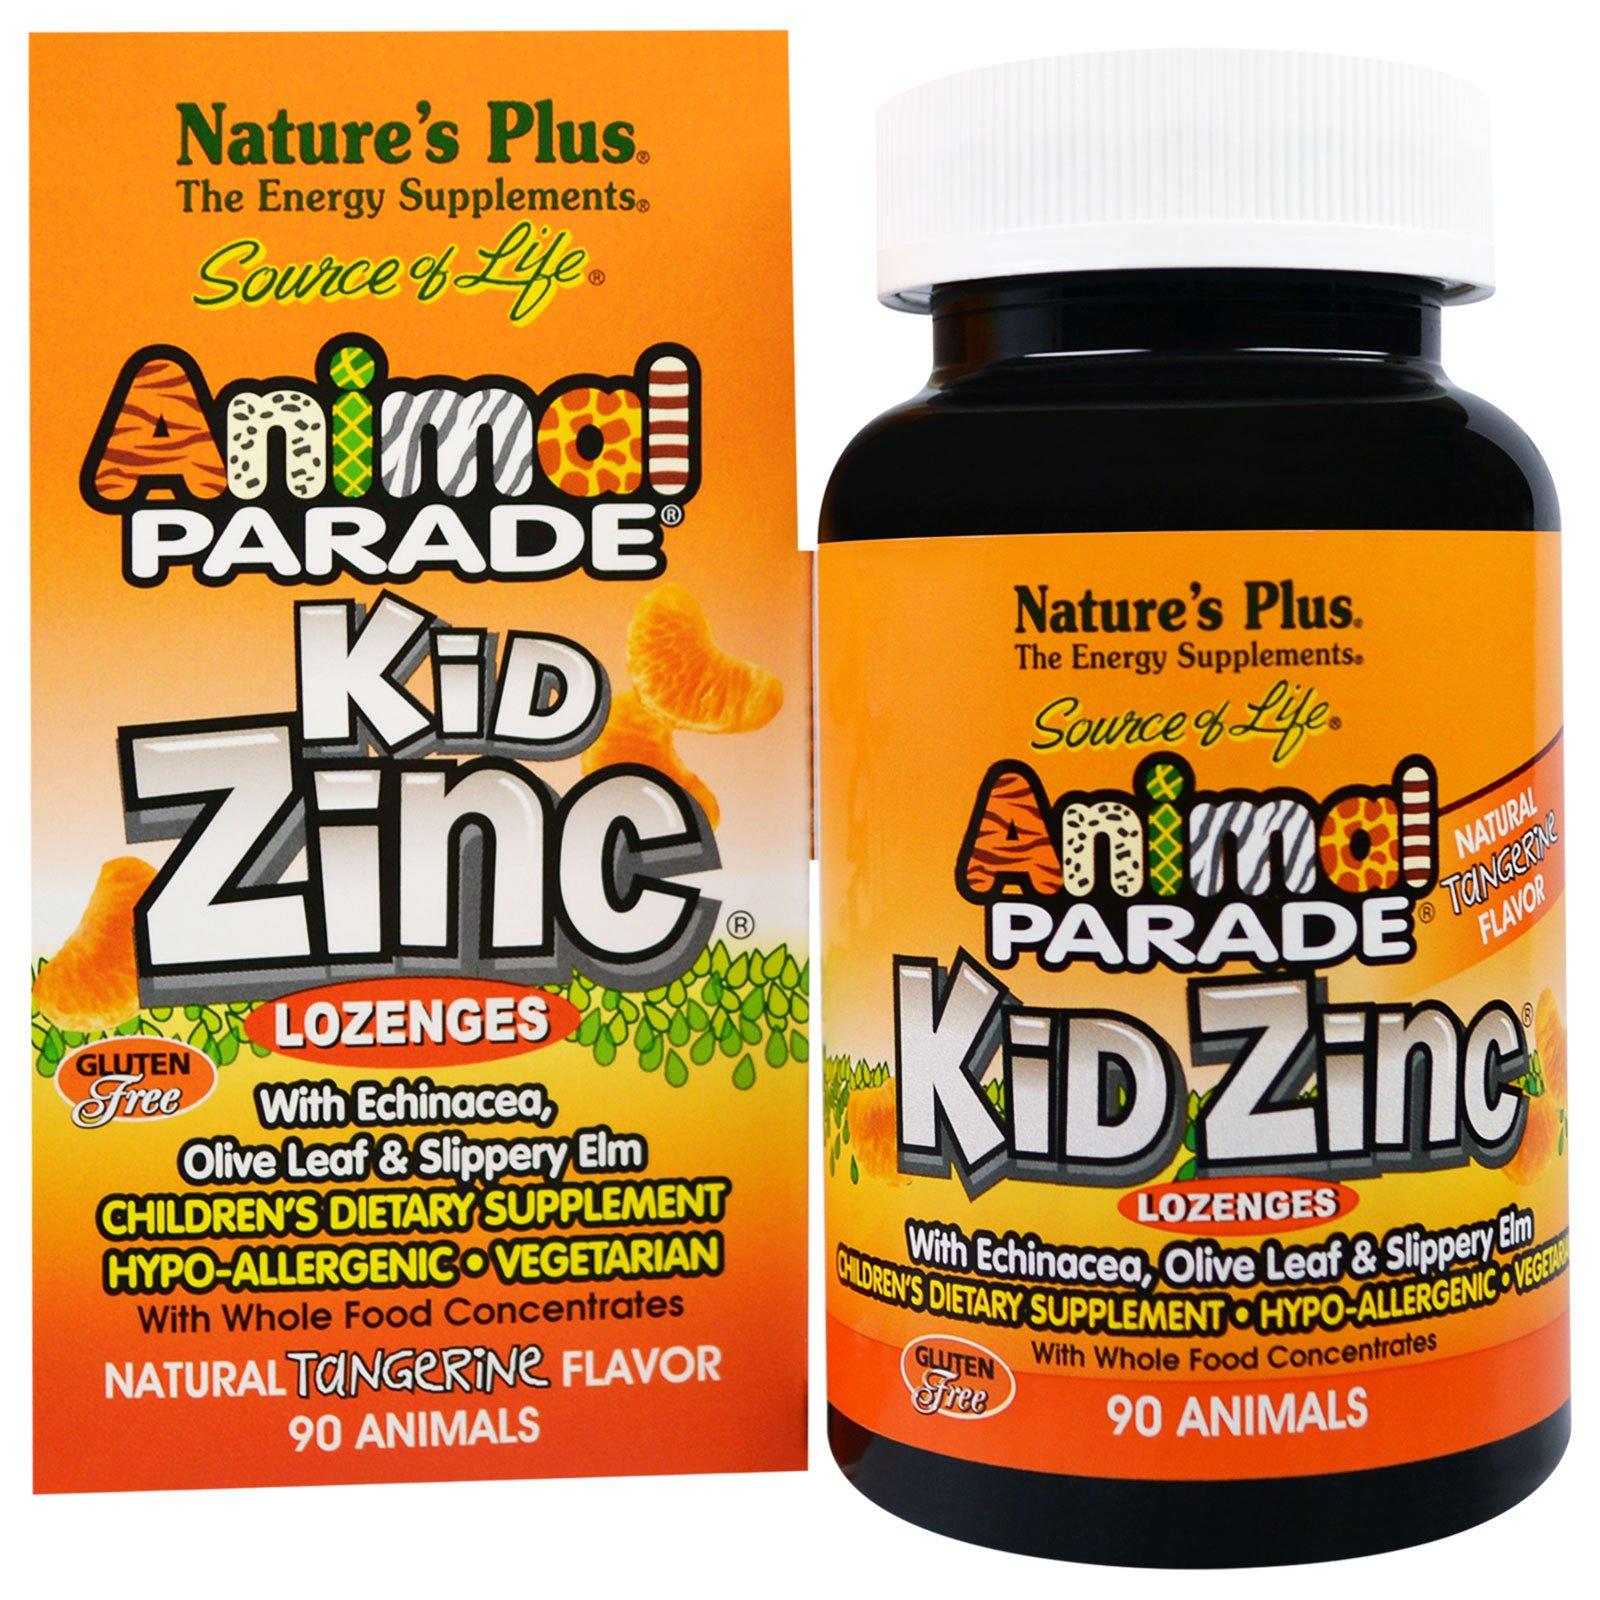 Nature's Plus, Источник жизни, Пастилки с цинком для детей в форме животных с натуральным вкусом мандарина, 90 животных